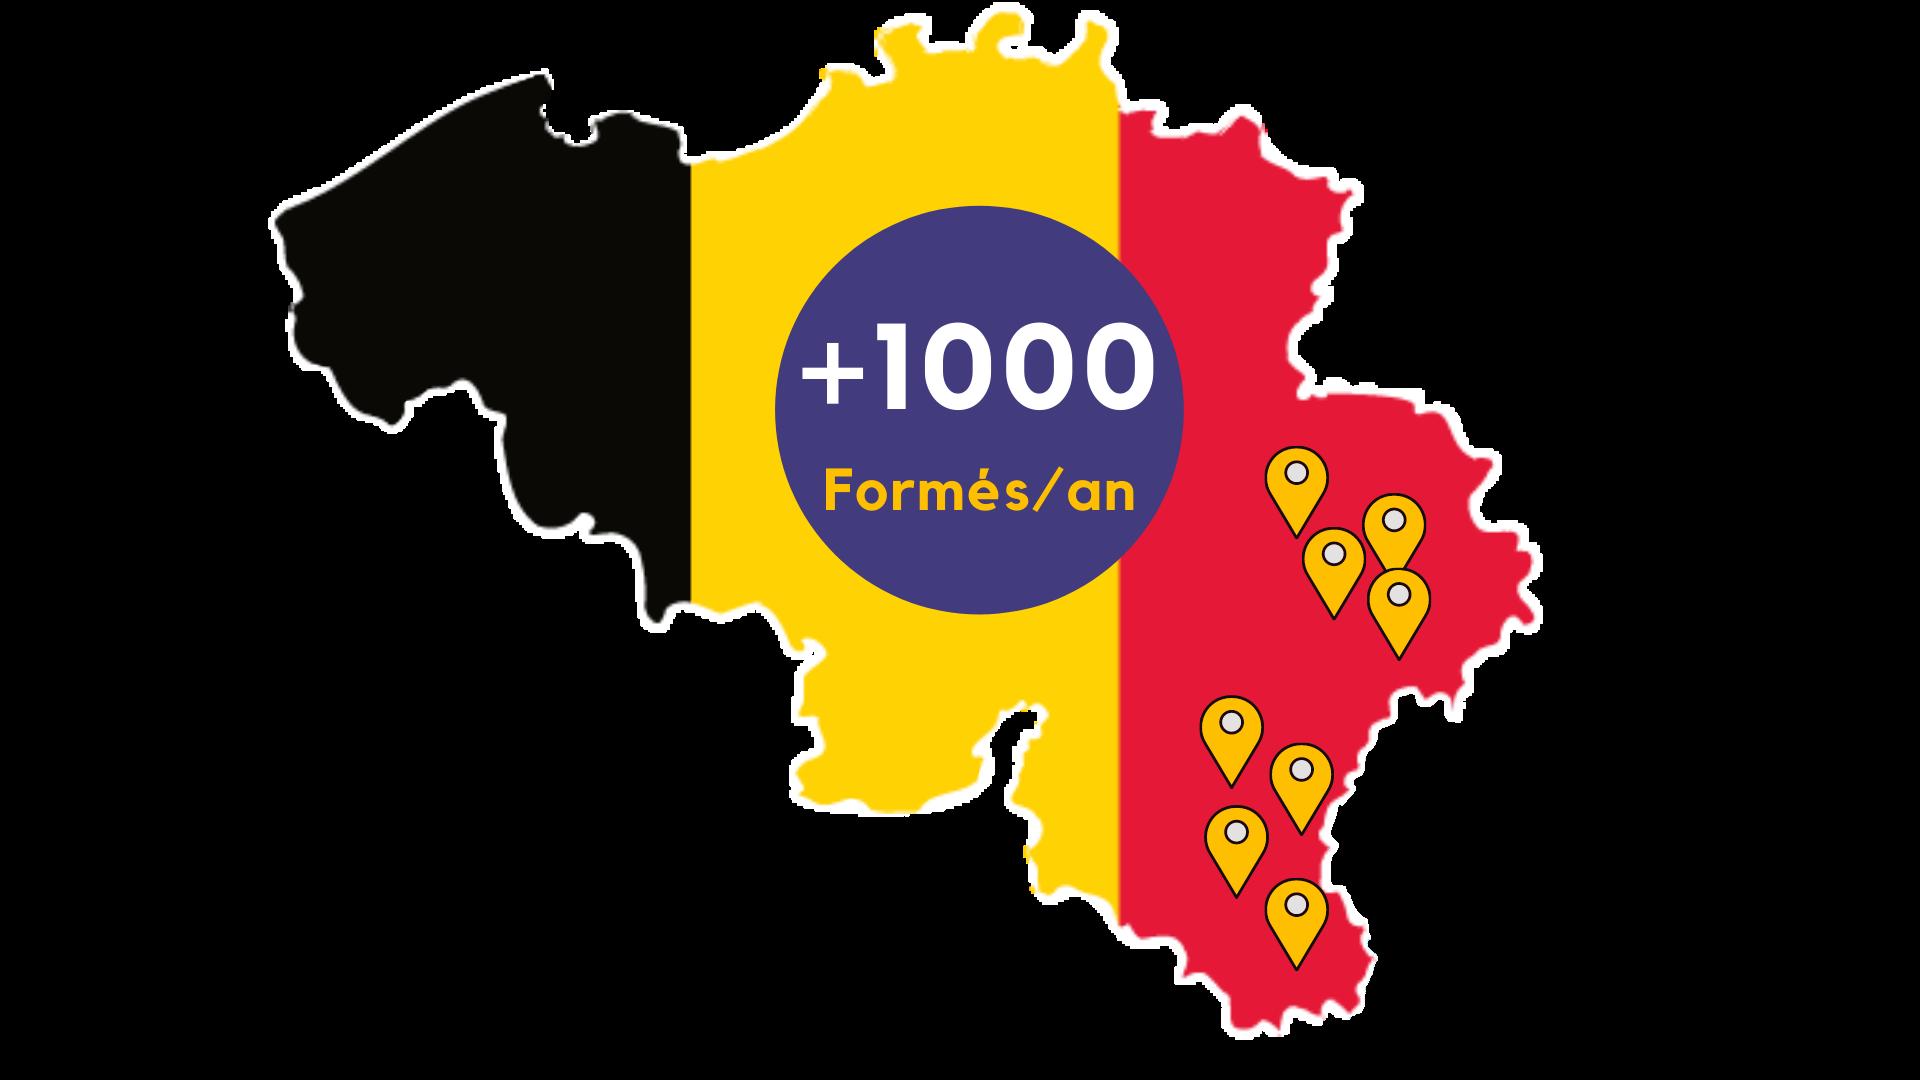 + de 1000 formés talenteo